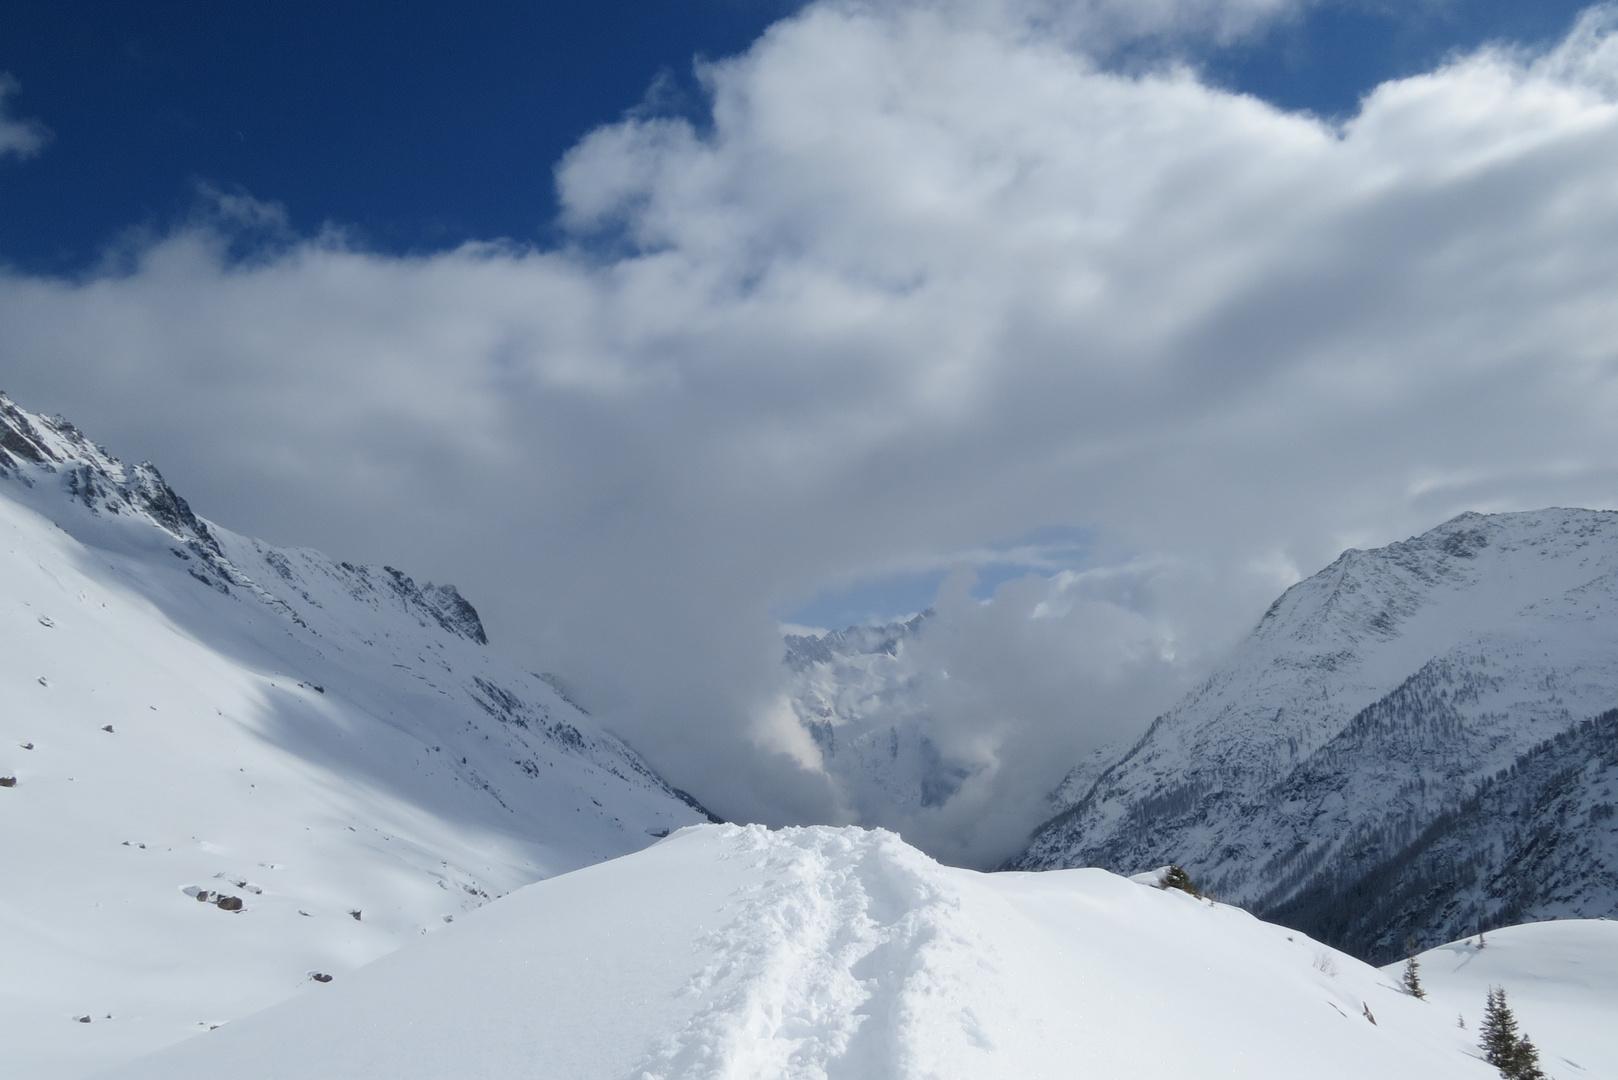 Herrliche Schneeschuhtour